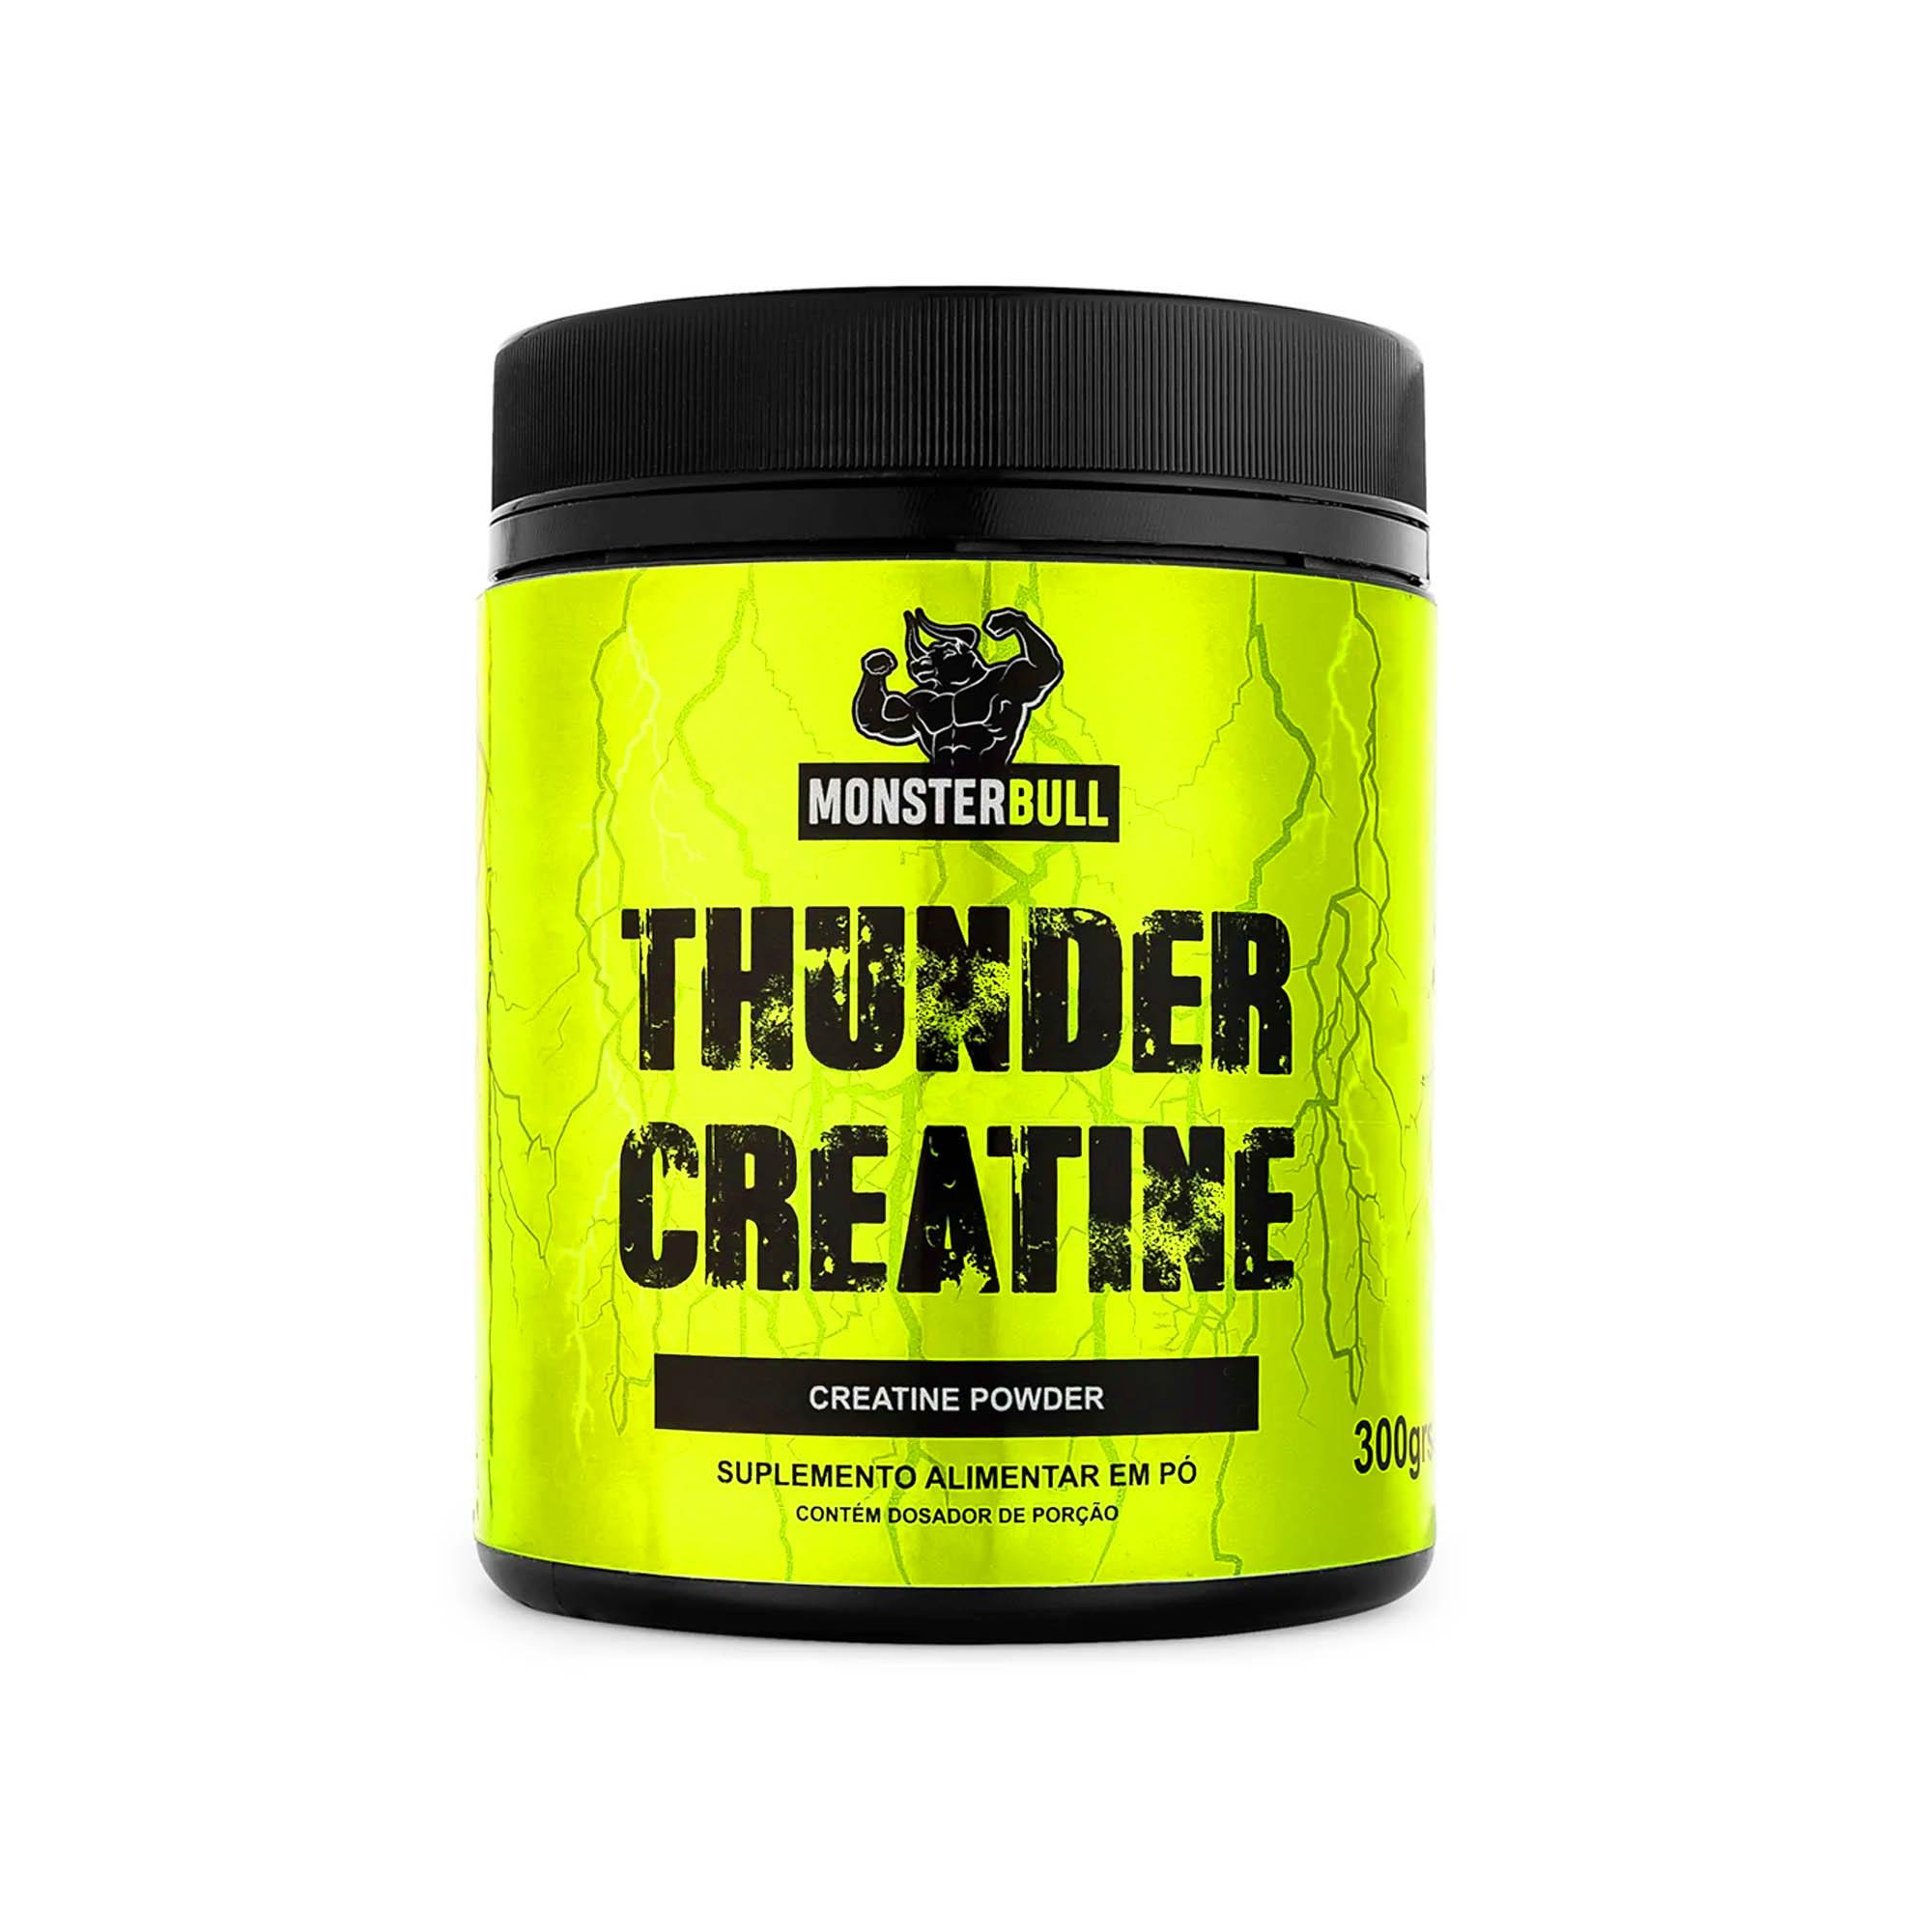 Creatina - Thunder Creatine